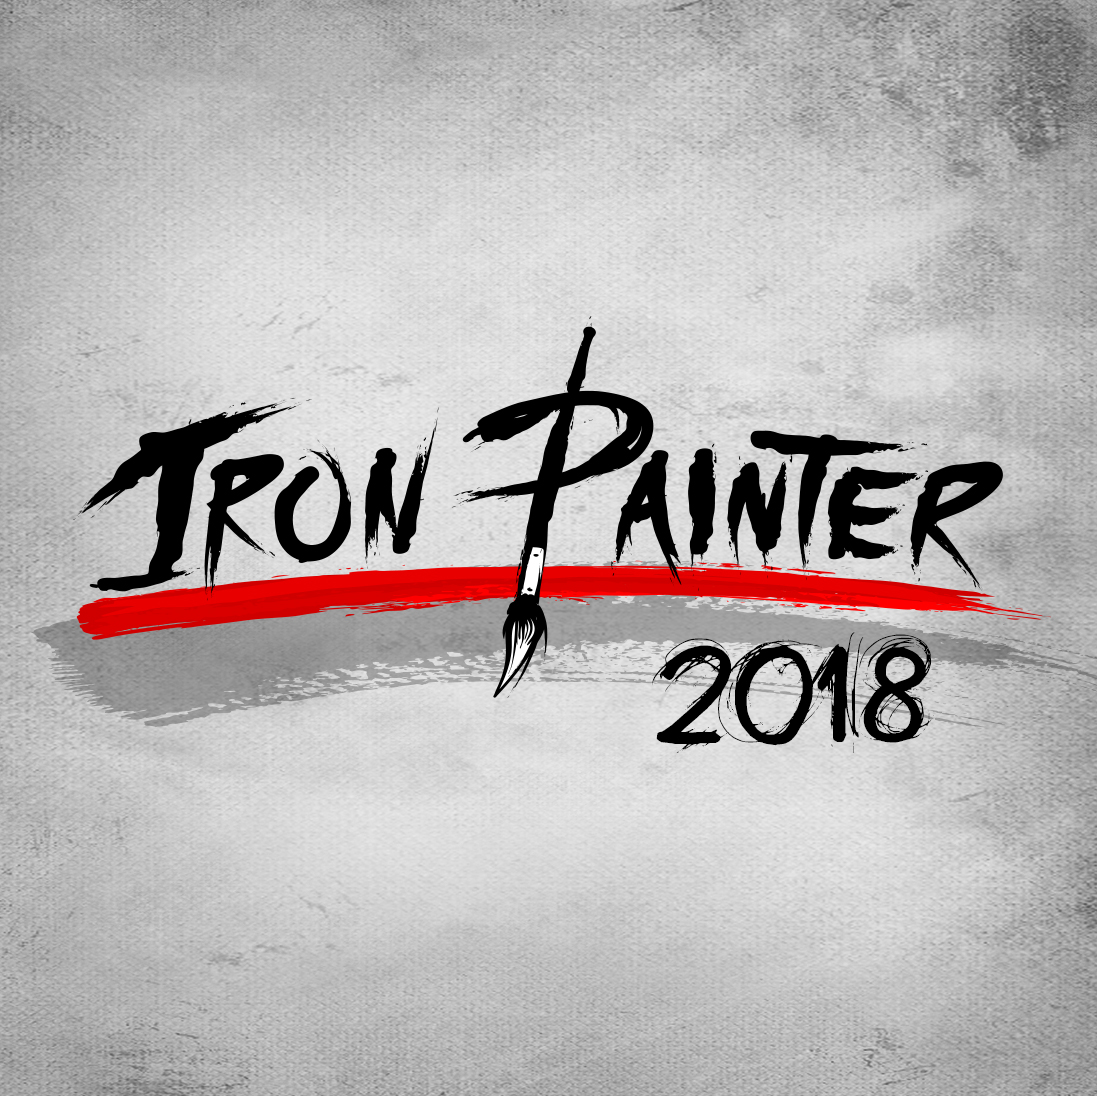 Wyrd_DesignerPosition_NewsImage_IronPainter2018 (1).jpg